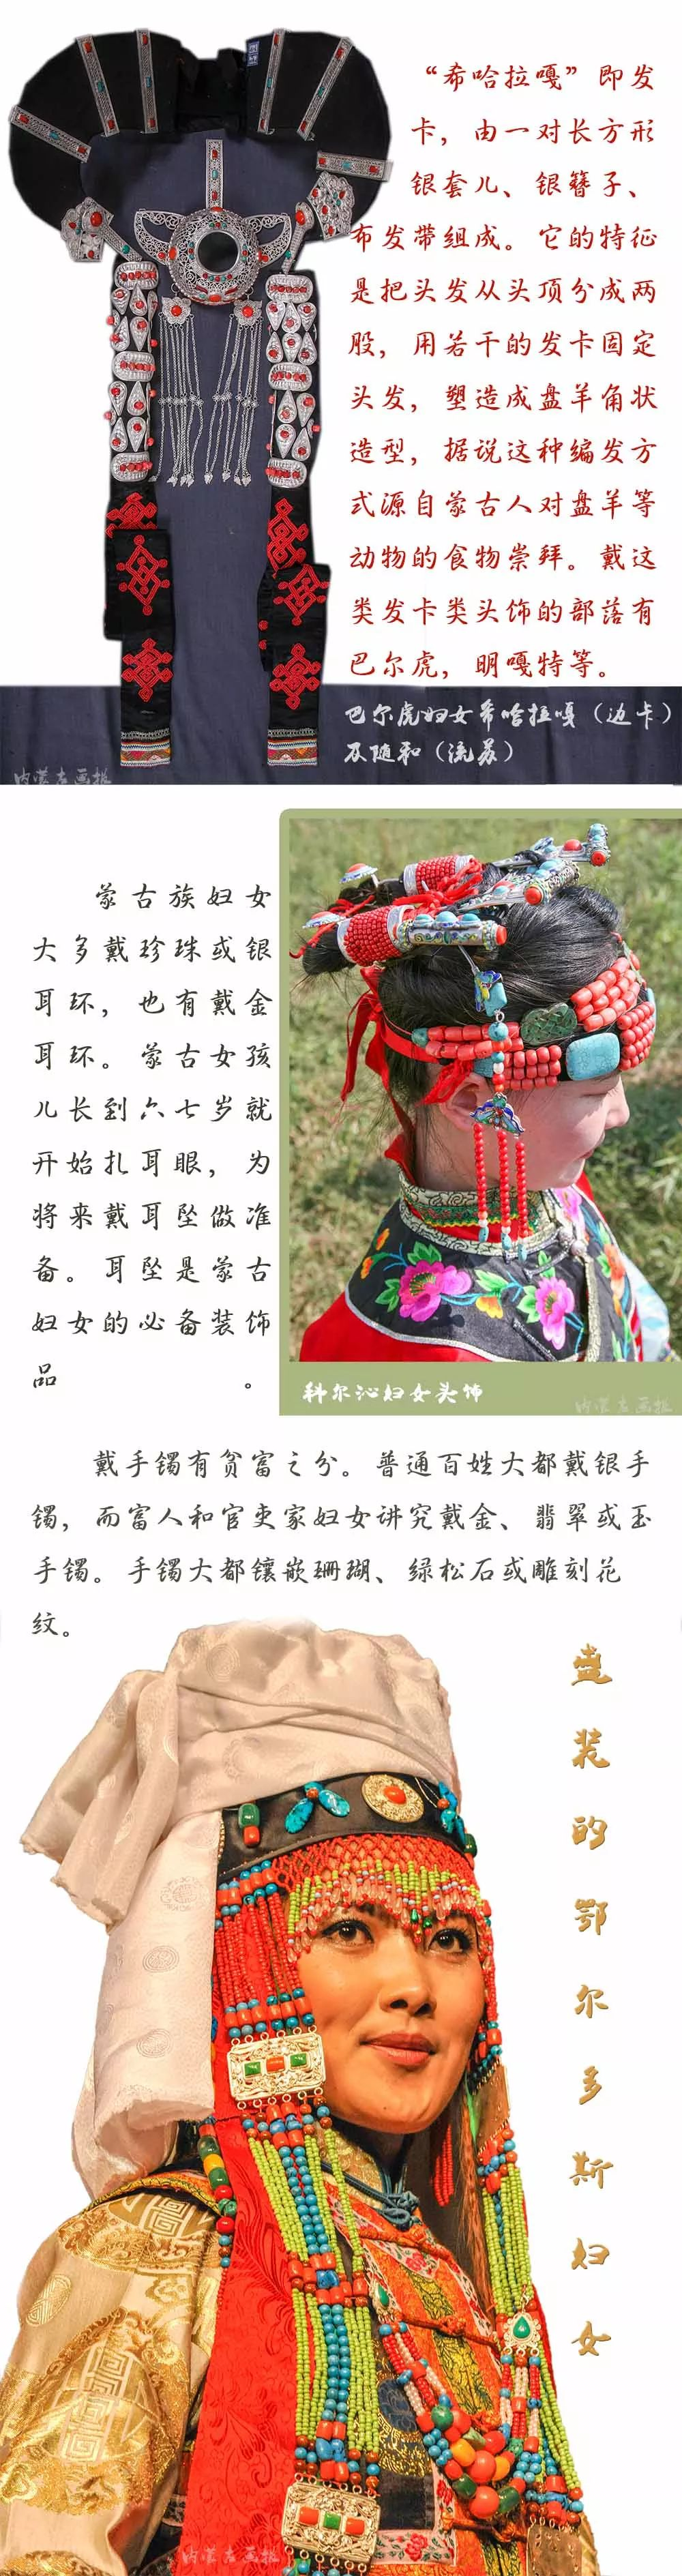 装点世界的蒙古族佩饰 | 女士篇 第10张